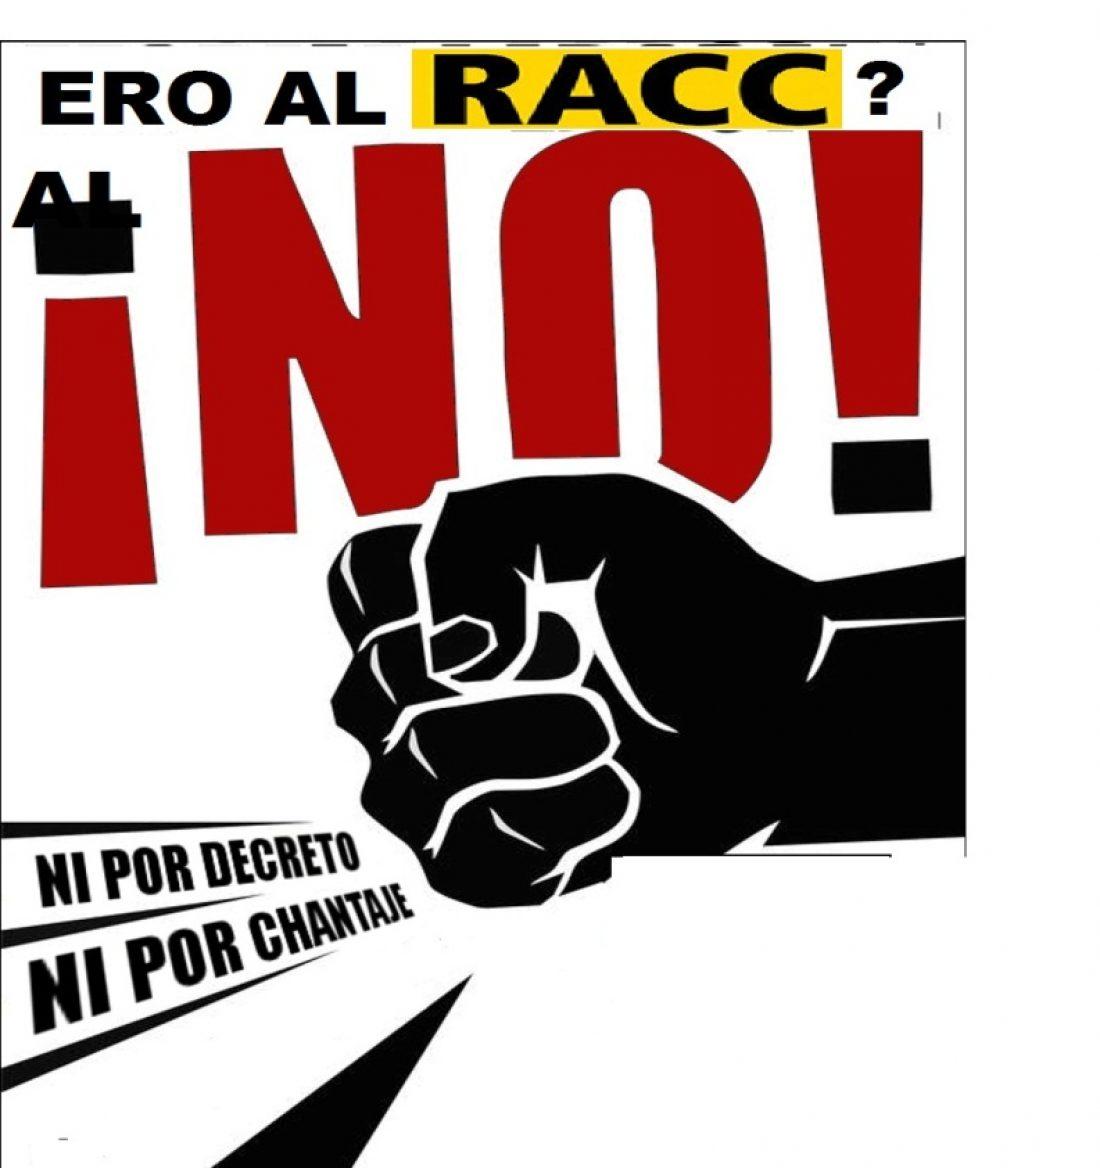 Barcelona. Huelga el lunes 11 de febrero en el RACC y concentraciones de 9 a 11 y de 17 a 19 h. en la sede del RACC en Diagonal 687